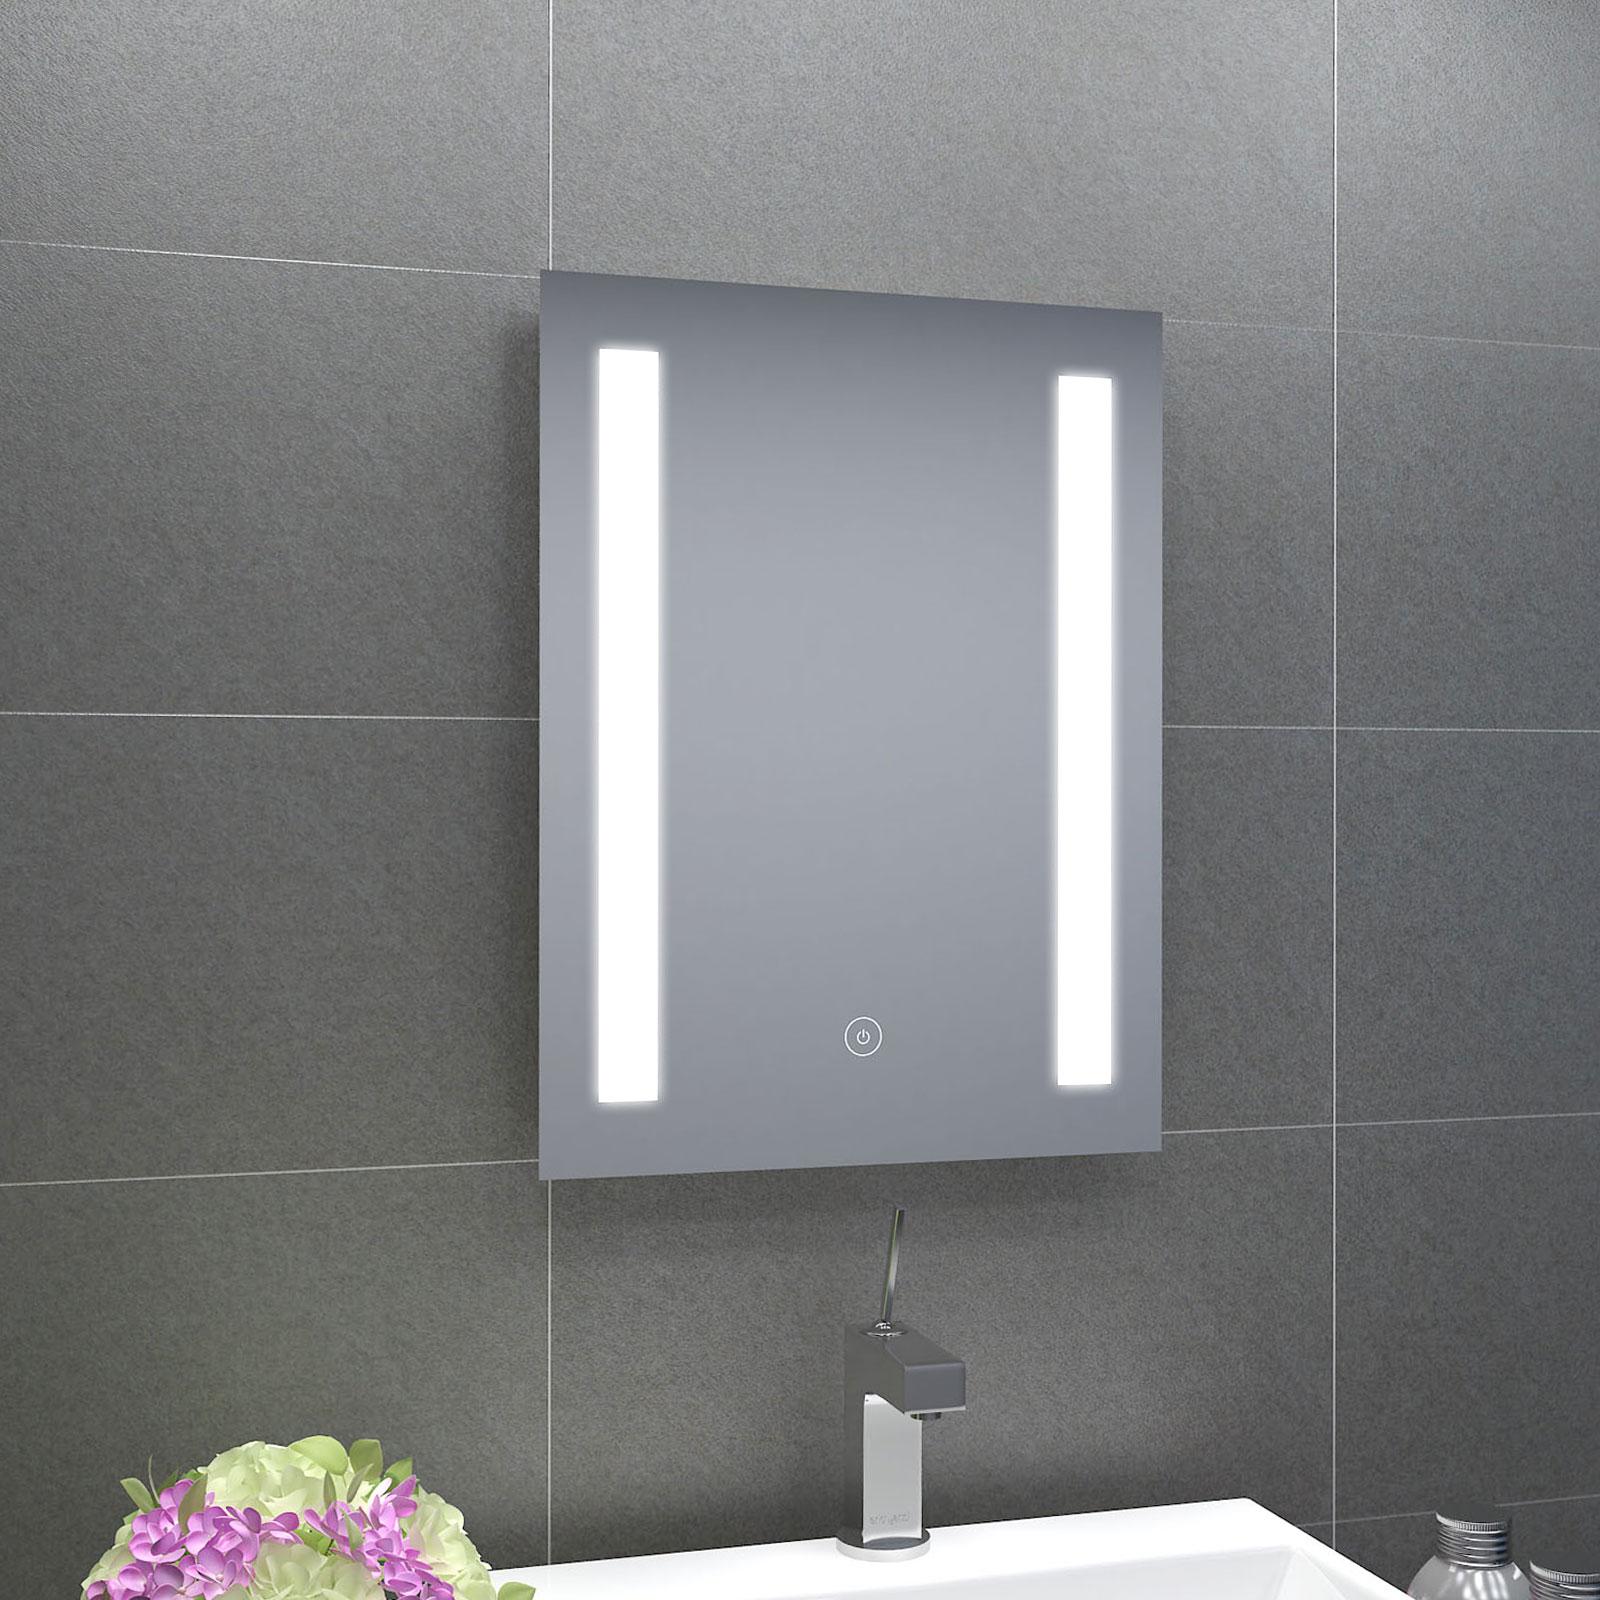 badspiegel badezimmerspiegel led beleuchtung spiegel wandspiegel warmwei ip44. Black Bedroom Furniture Sets. Home Design Ideas